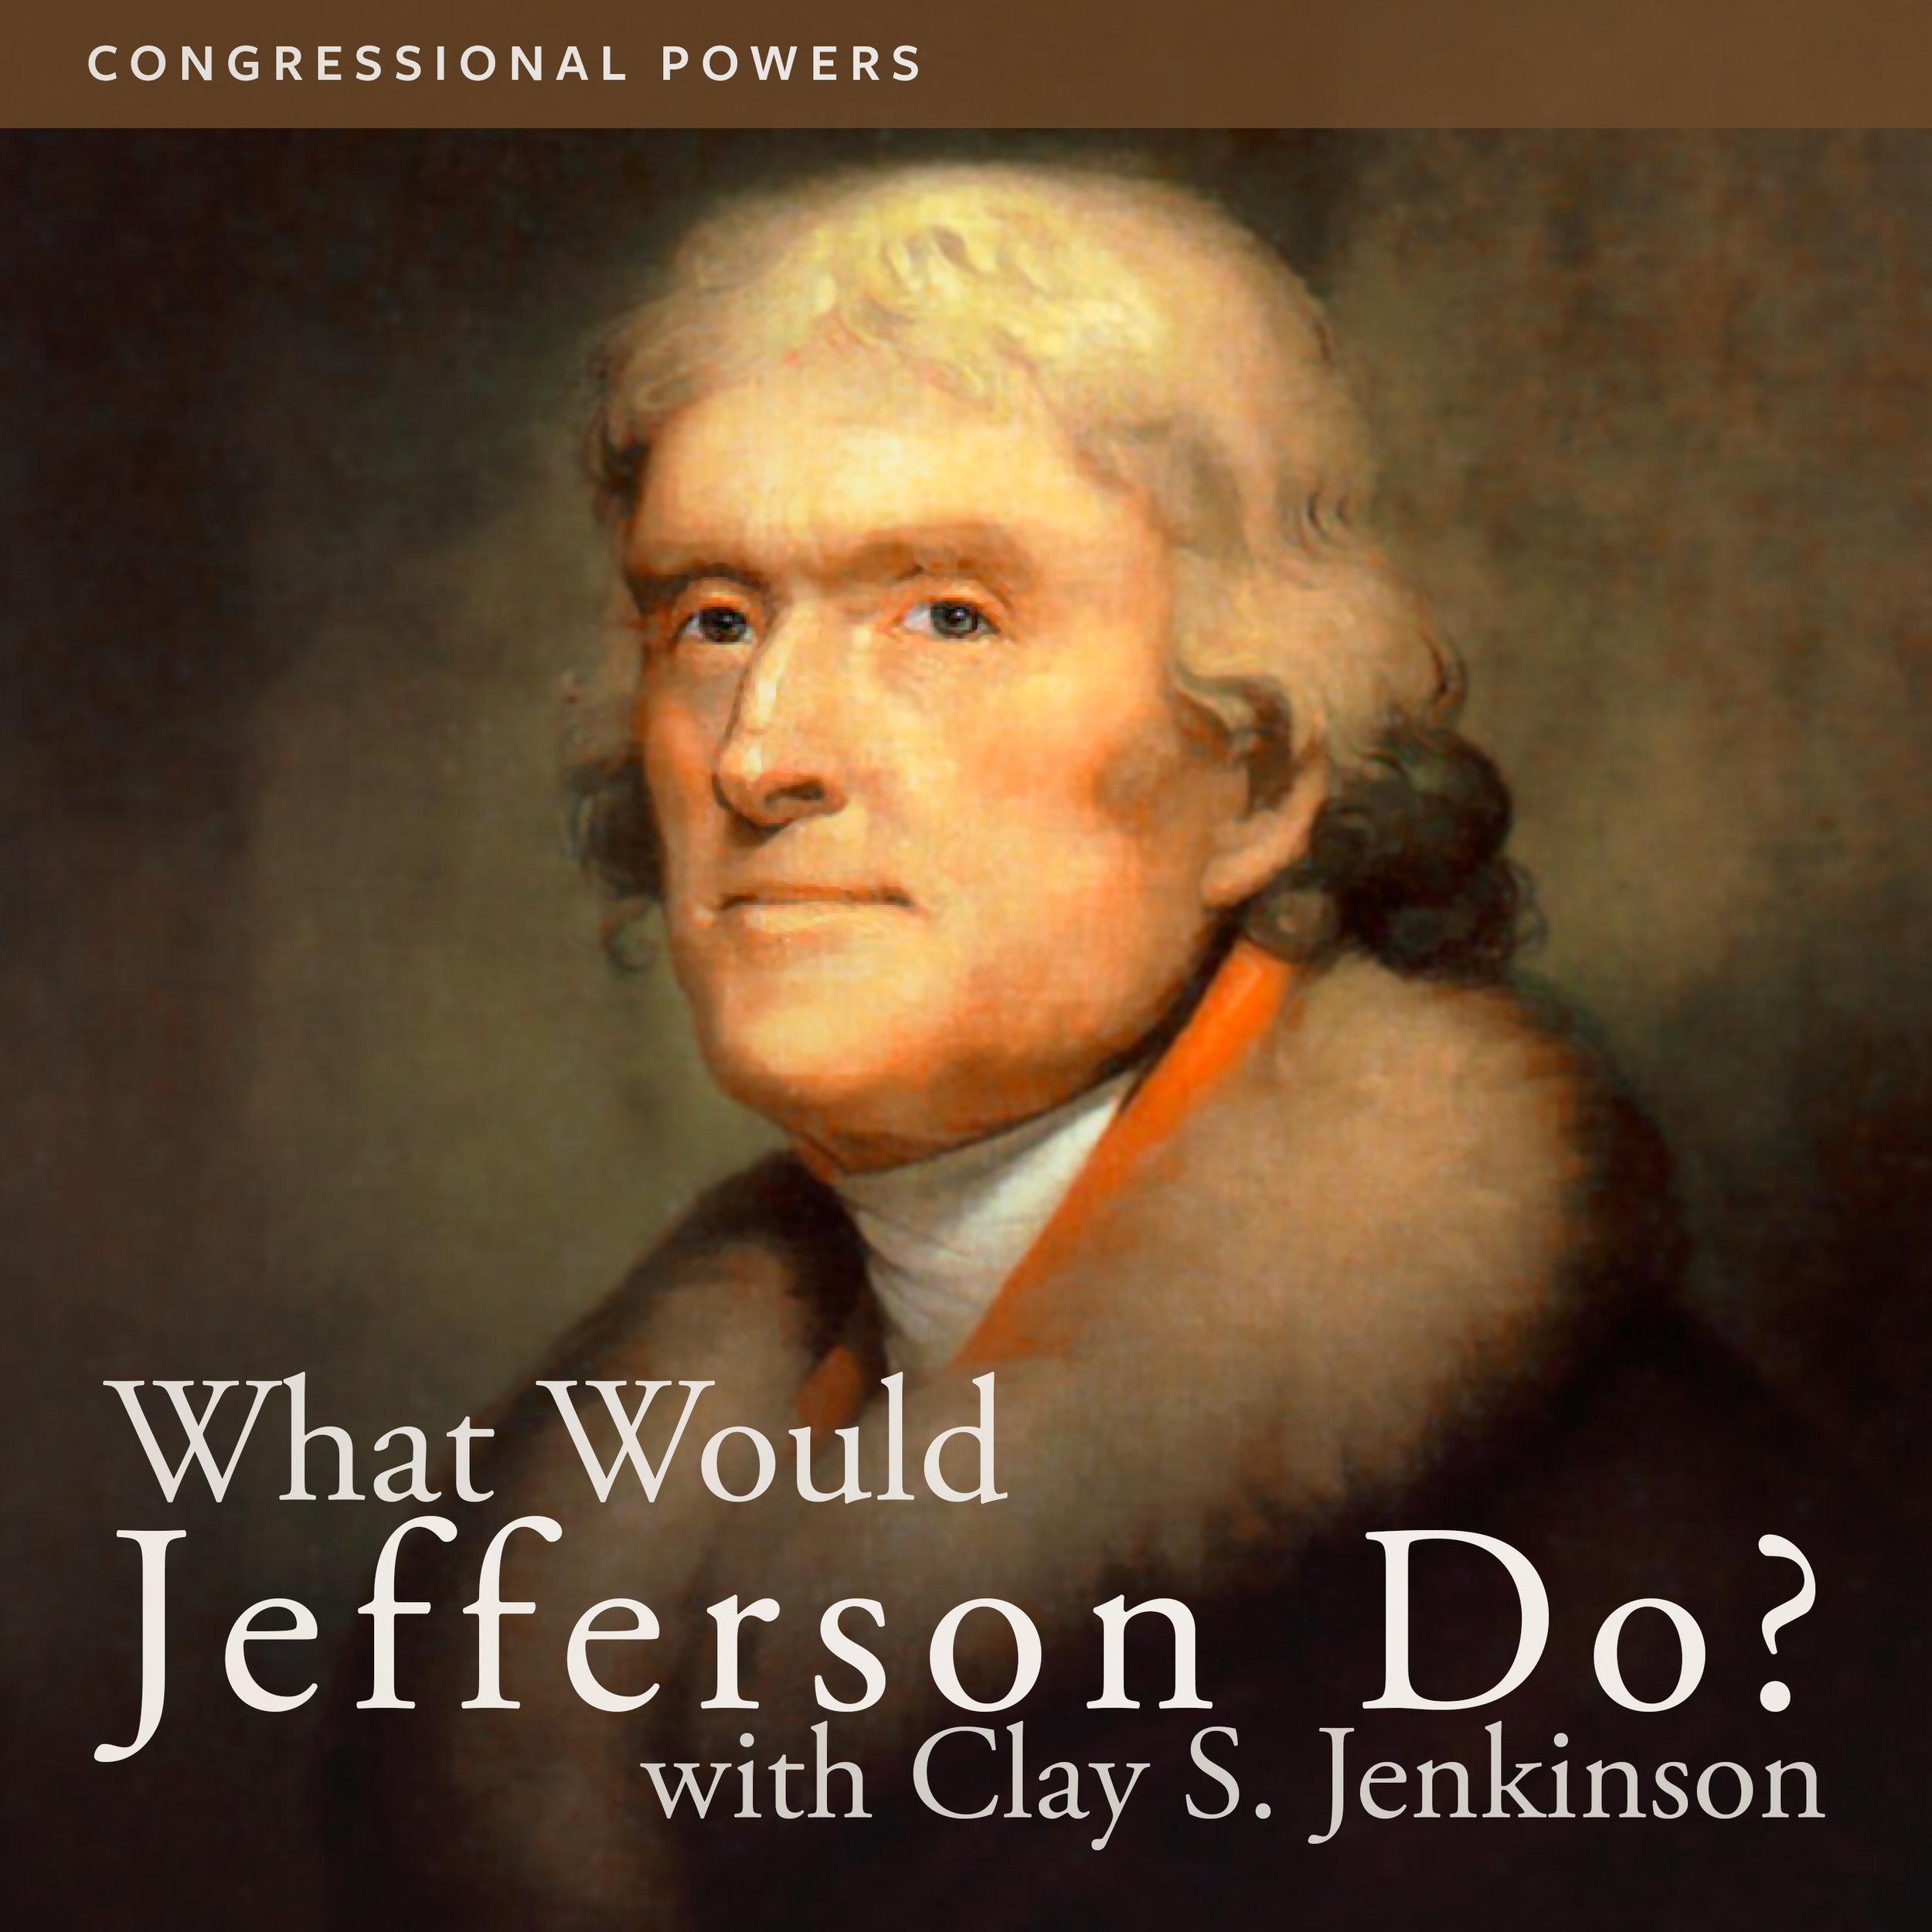 WWTJD_1339 Congressional Powers.jpg